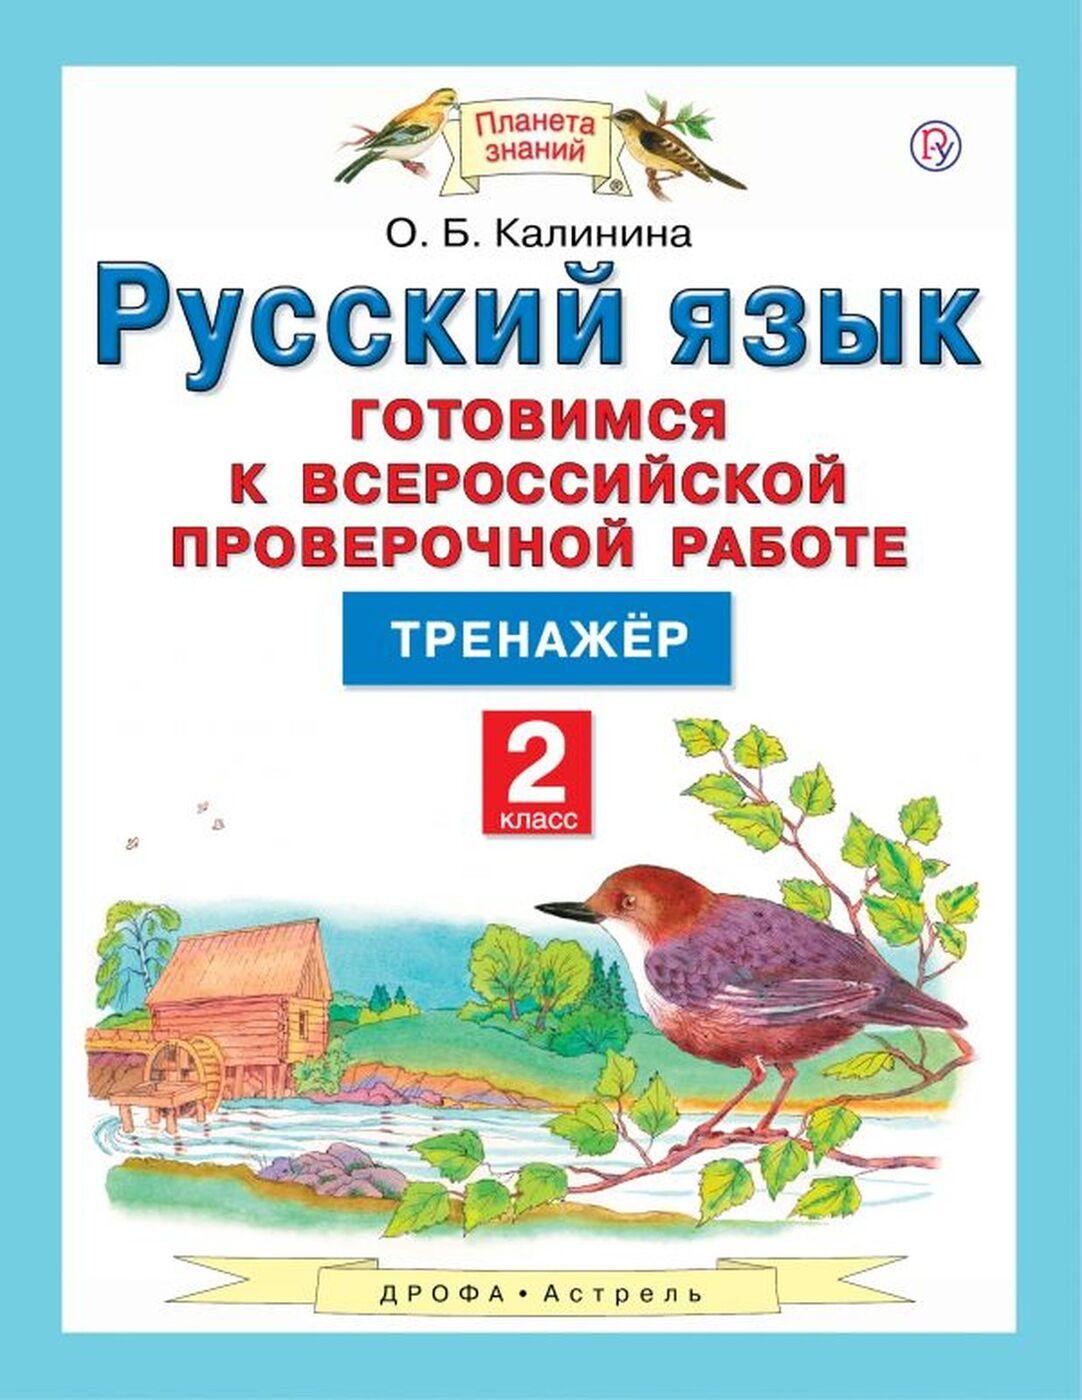 Русский язык. 2 класс. Готовимся к Всероссийской проверочной работе | Калинина Ольга Борисовна